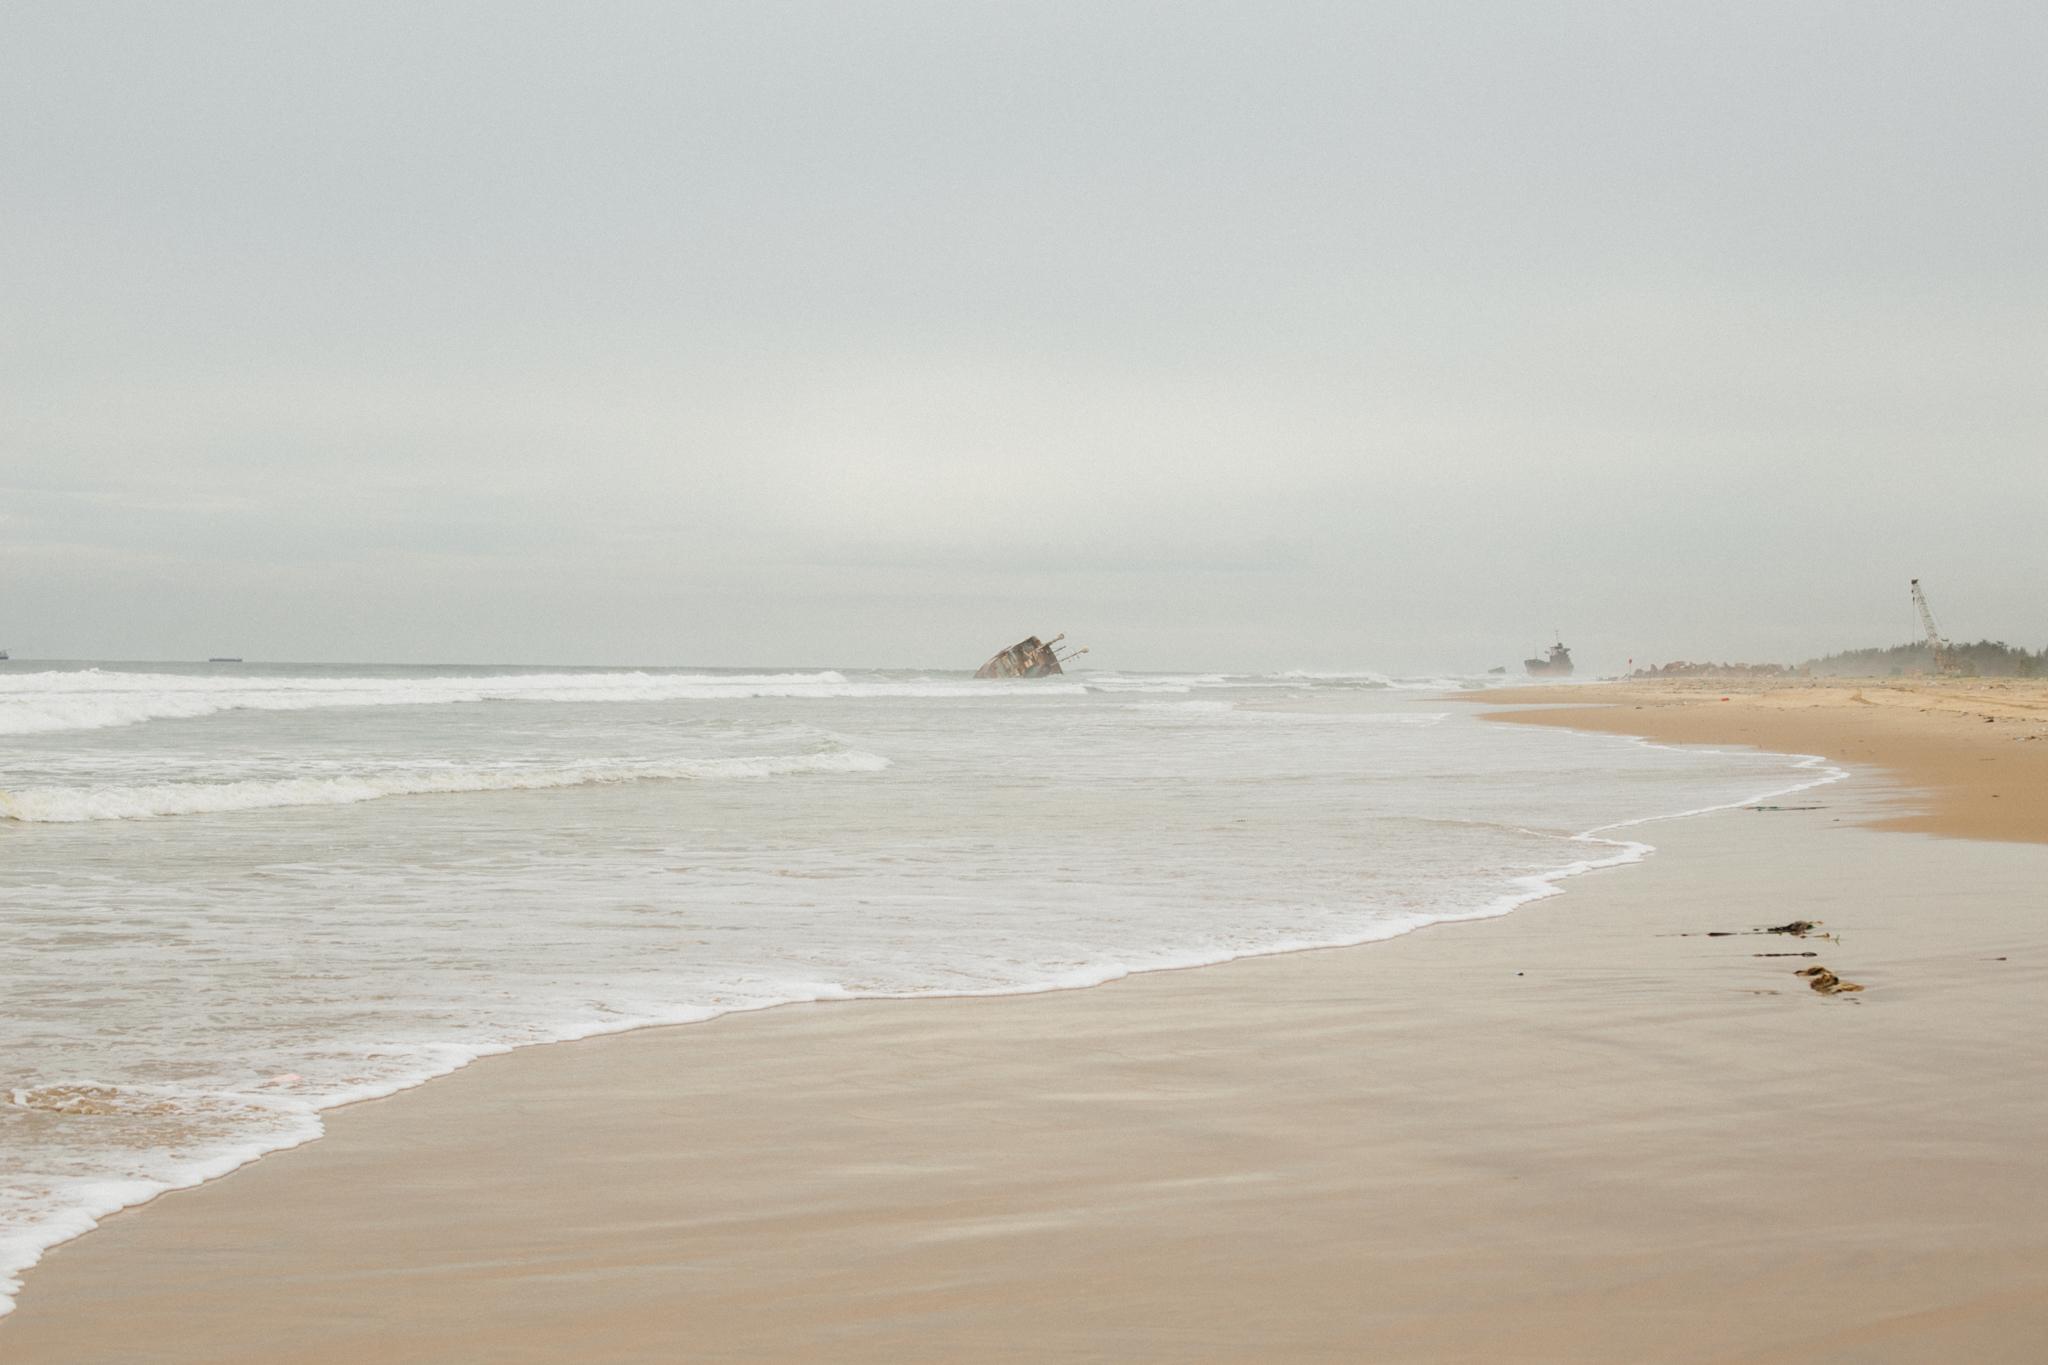 Shipwreck, Tarkwa Bay Beach